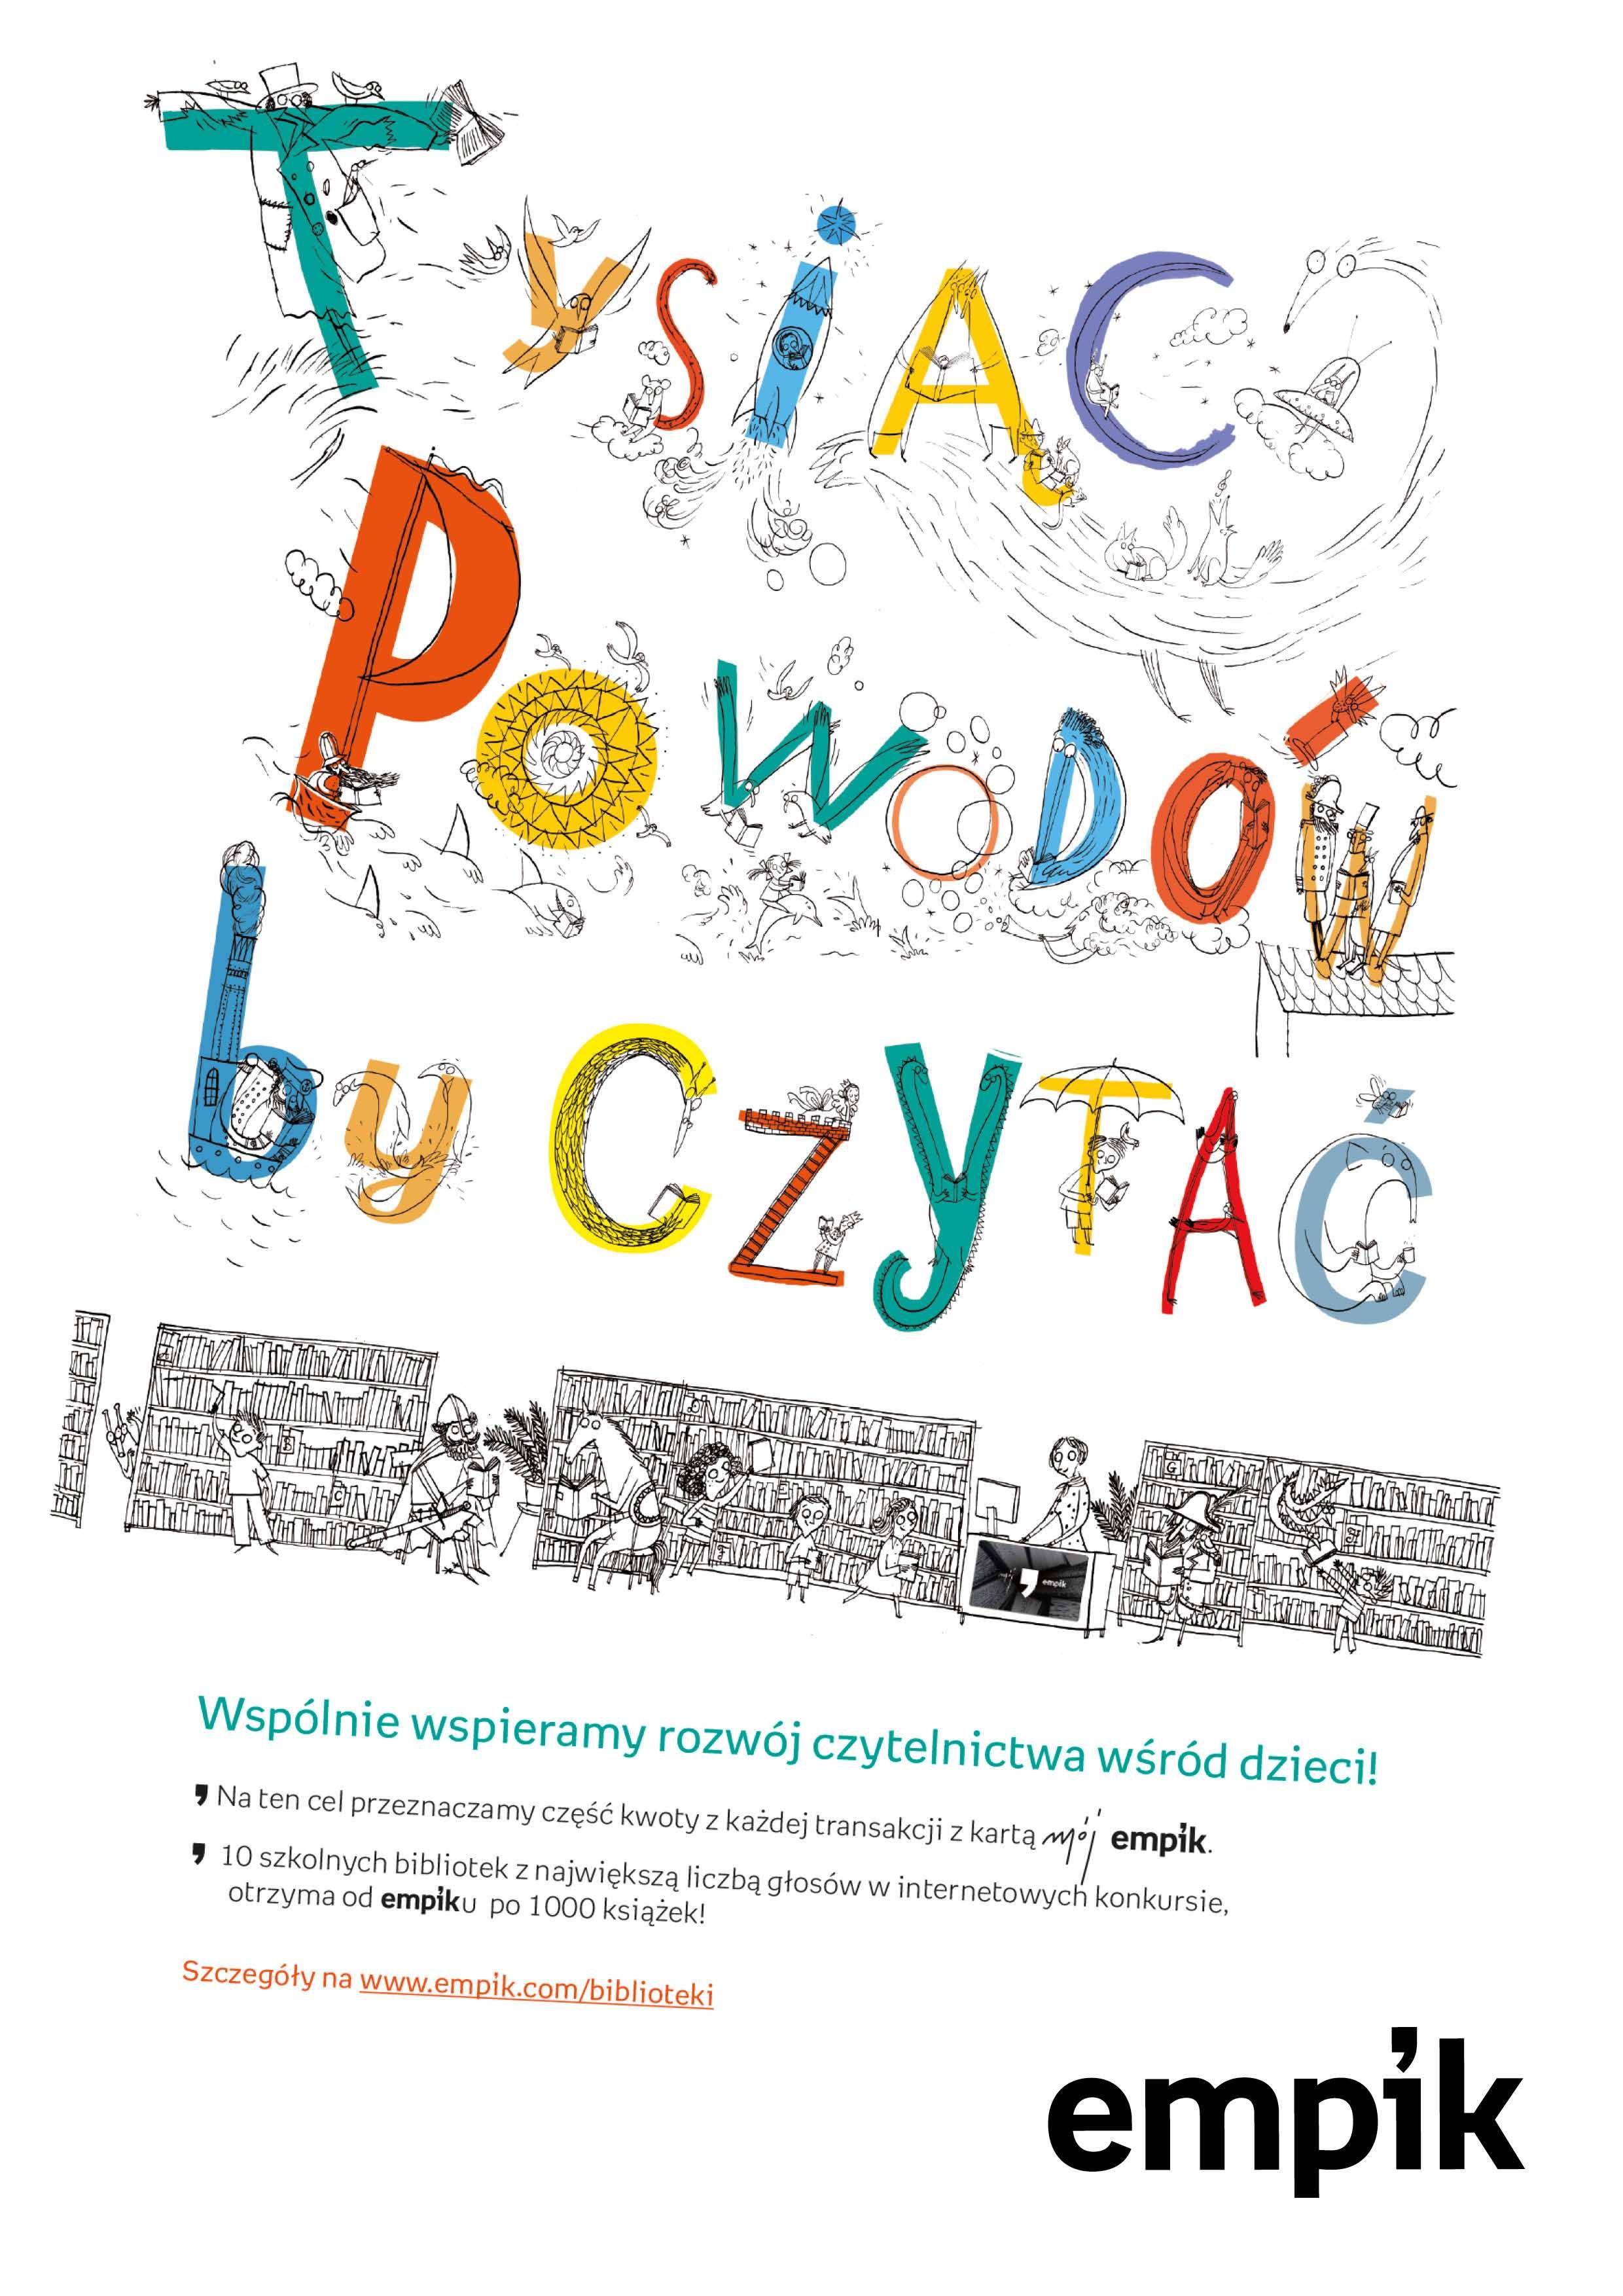 Tysiąc książek konkurs dla bibliotek szkolnych